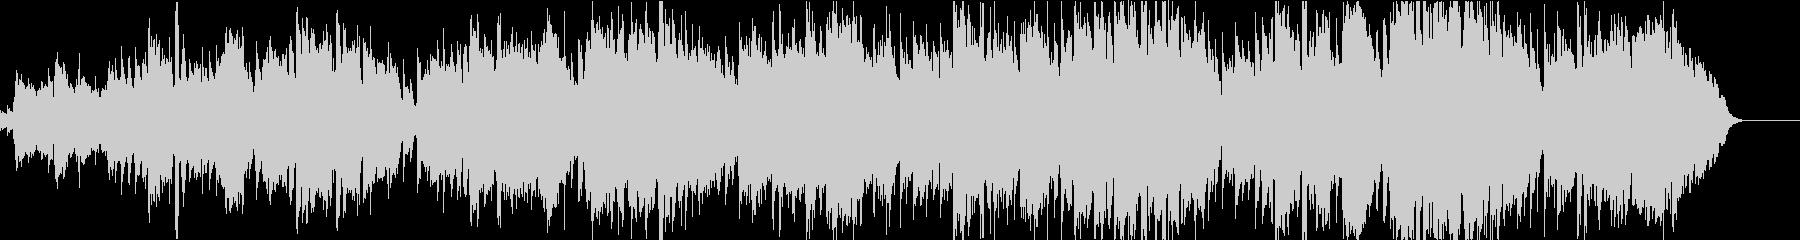 赤とんぼ(ケロケロボイス版)Bの未再生の波形